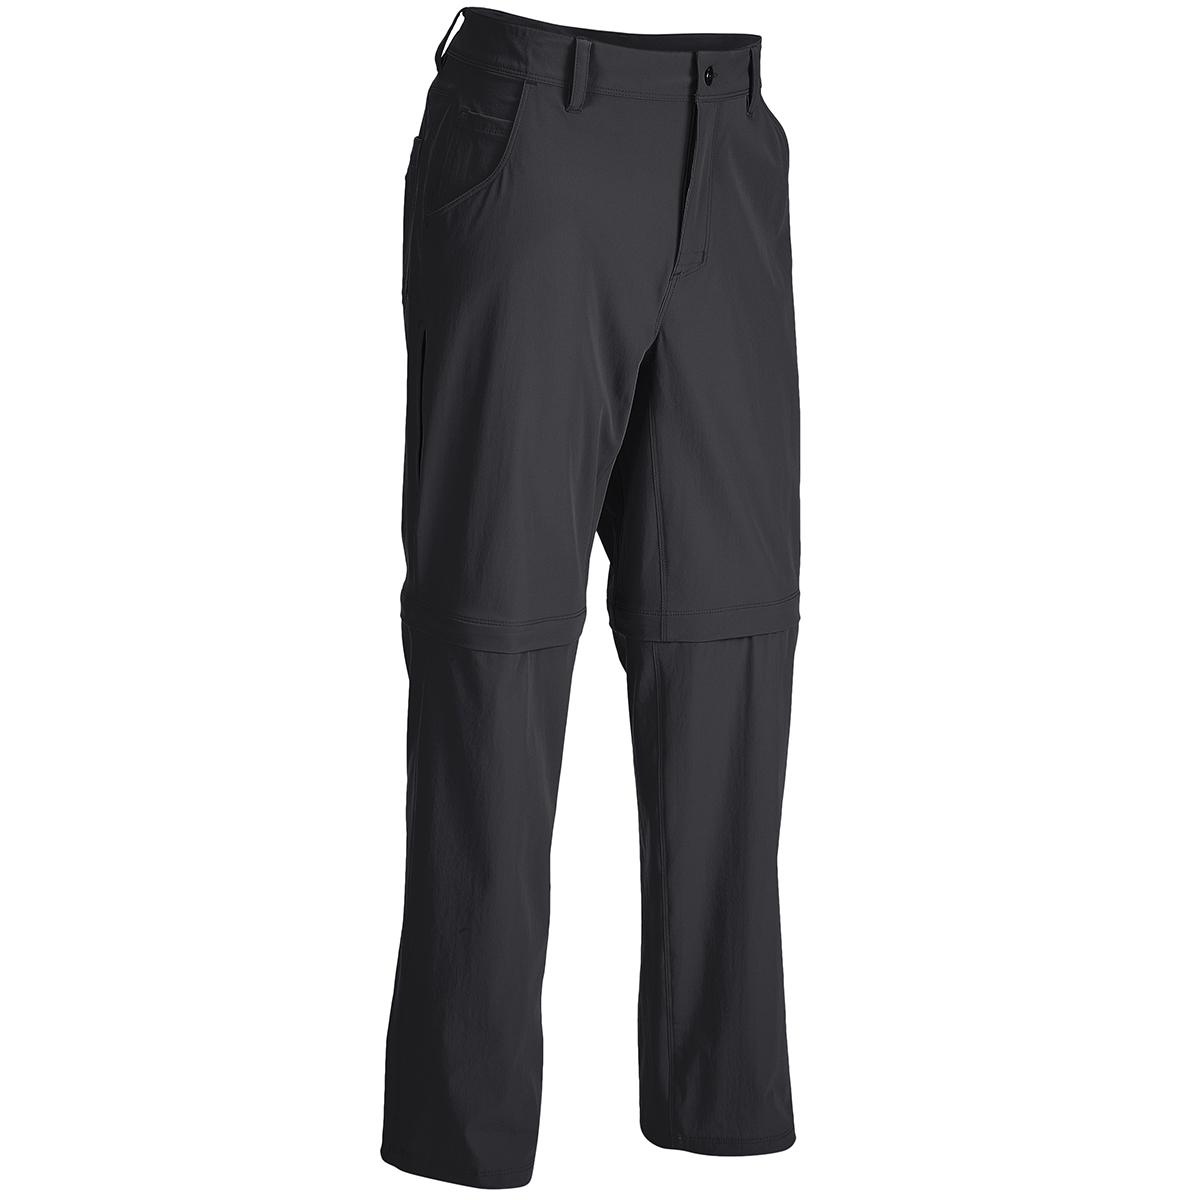 Ems Men's Compass 4-Point Zip-Off Pant - Black, 35/30